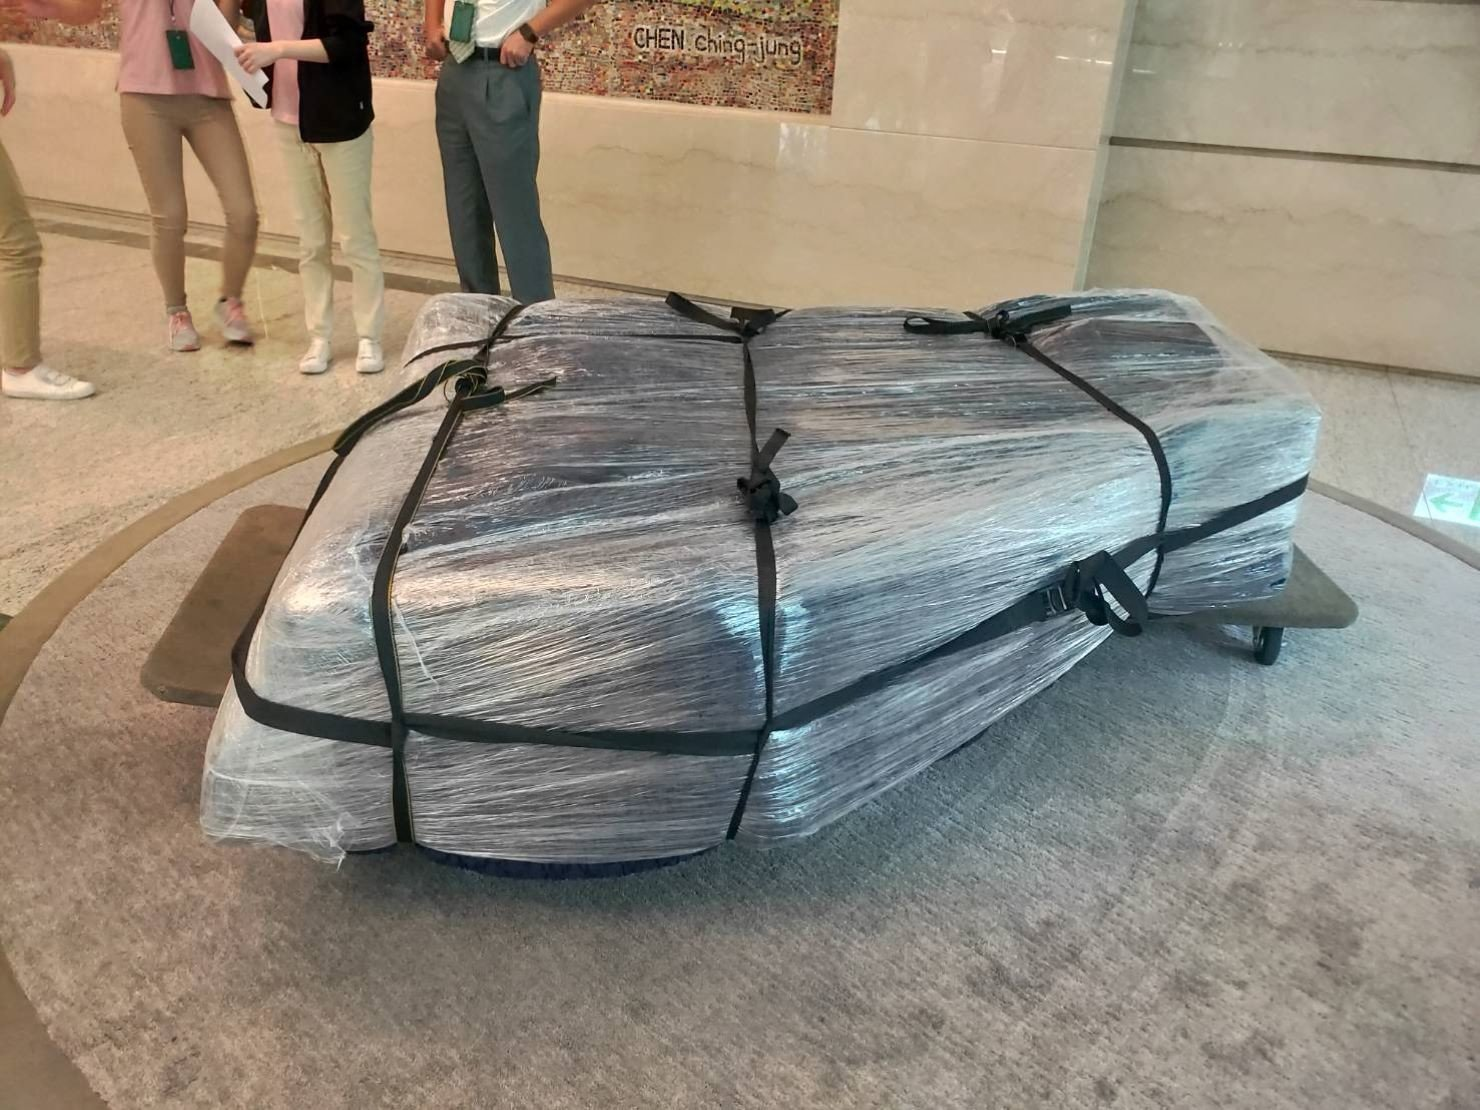 搬家公司【榮福搬家公司】搬鋼琴、搬平台三角琴、鋼琴搬運、值得您的信賴與選擇:將包裝好的YAMAHA三角鋼琴放置兩塊拖板車上運送。